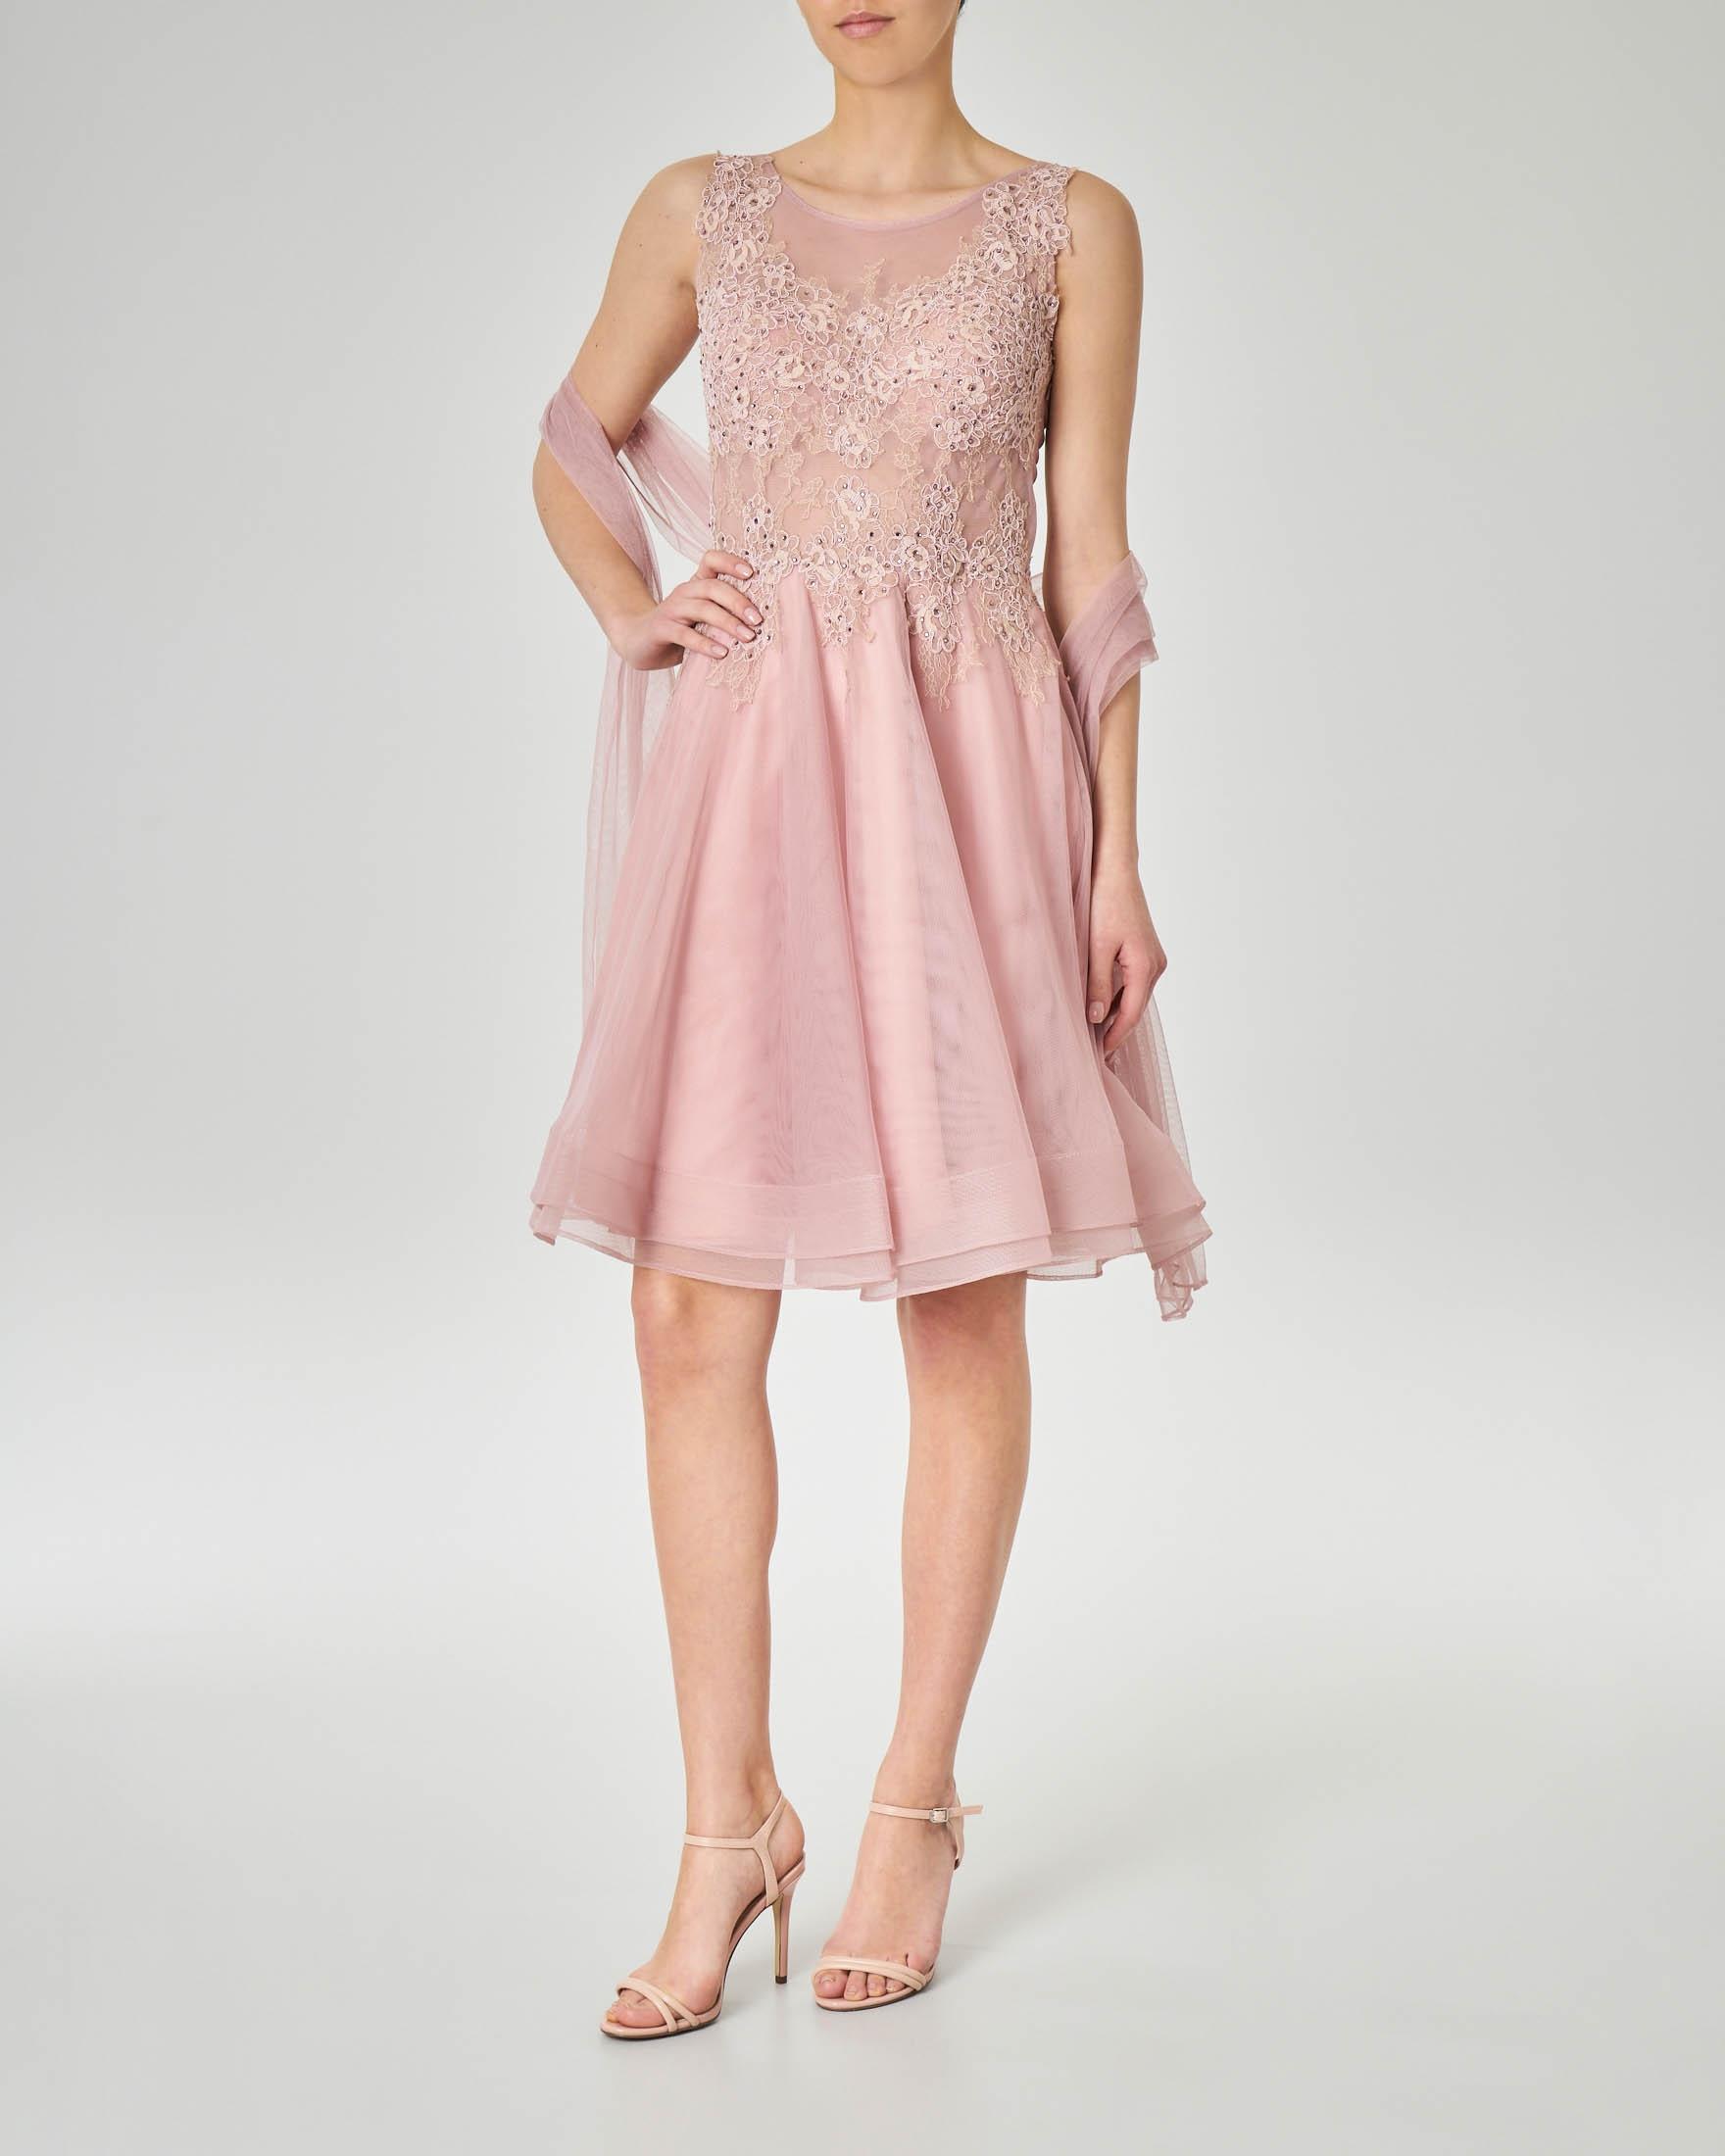 online store 40892 782b7 Abito corto rosa antico con gonna in tulle con fondo ondulato e corpetto  ricamato in pizzo